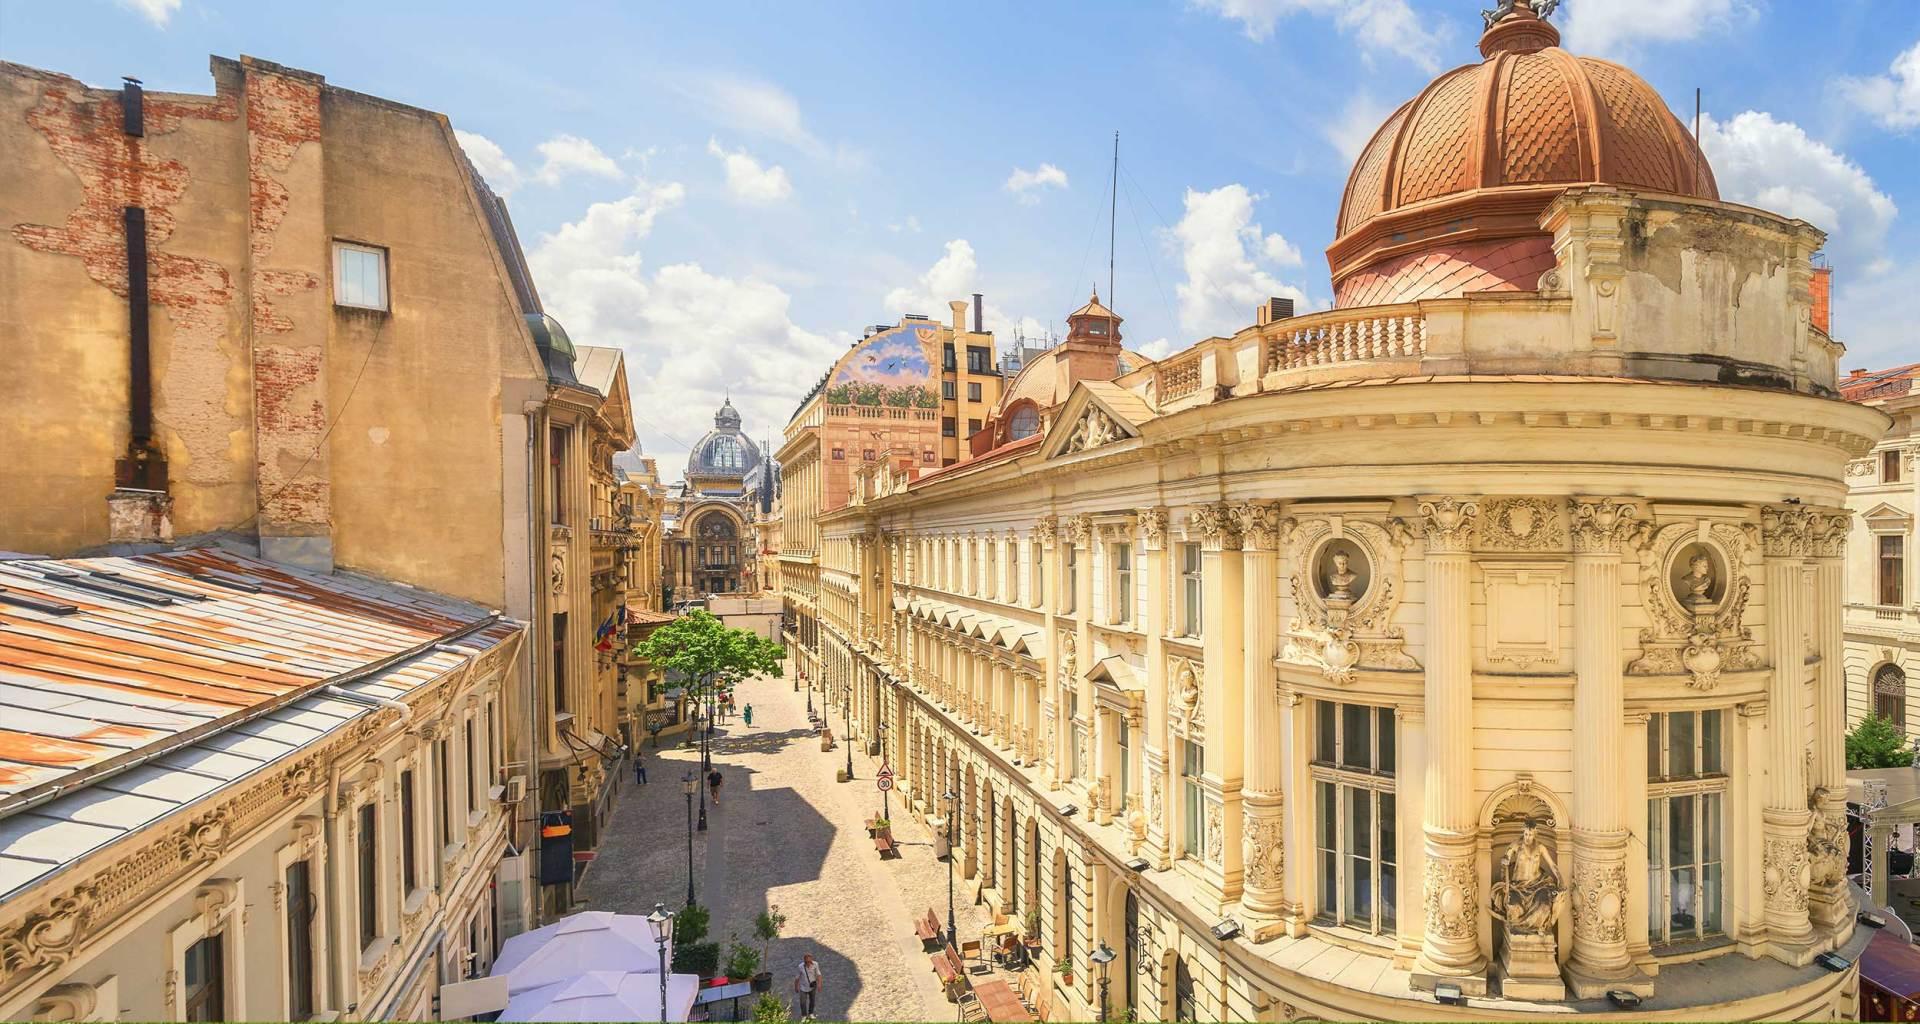 Prognoza meteo pentru București se anunță caldă, însă nu caniculară. Urmează un sfârșit de săptămână instabil, potrivit ANM